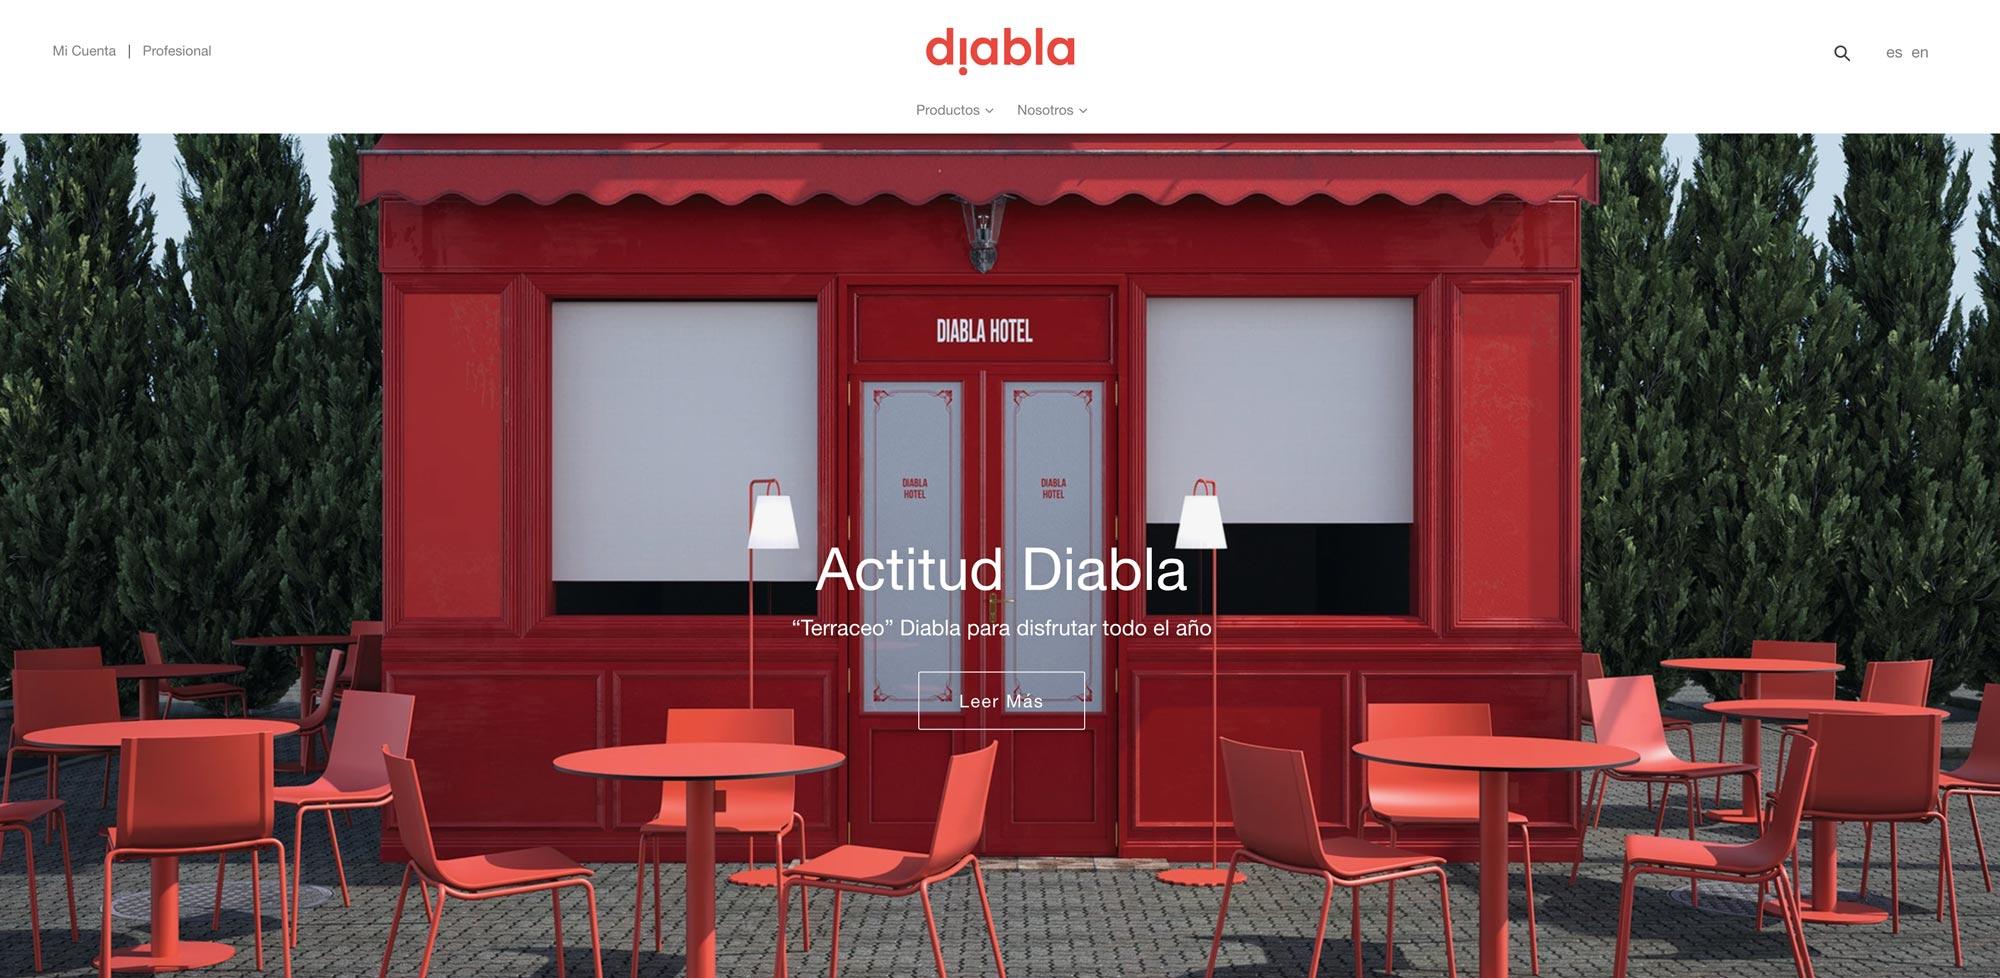 Diabla Shopify